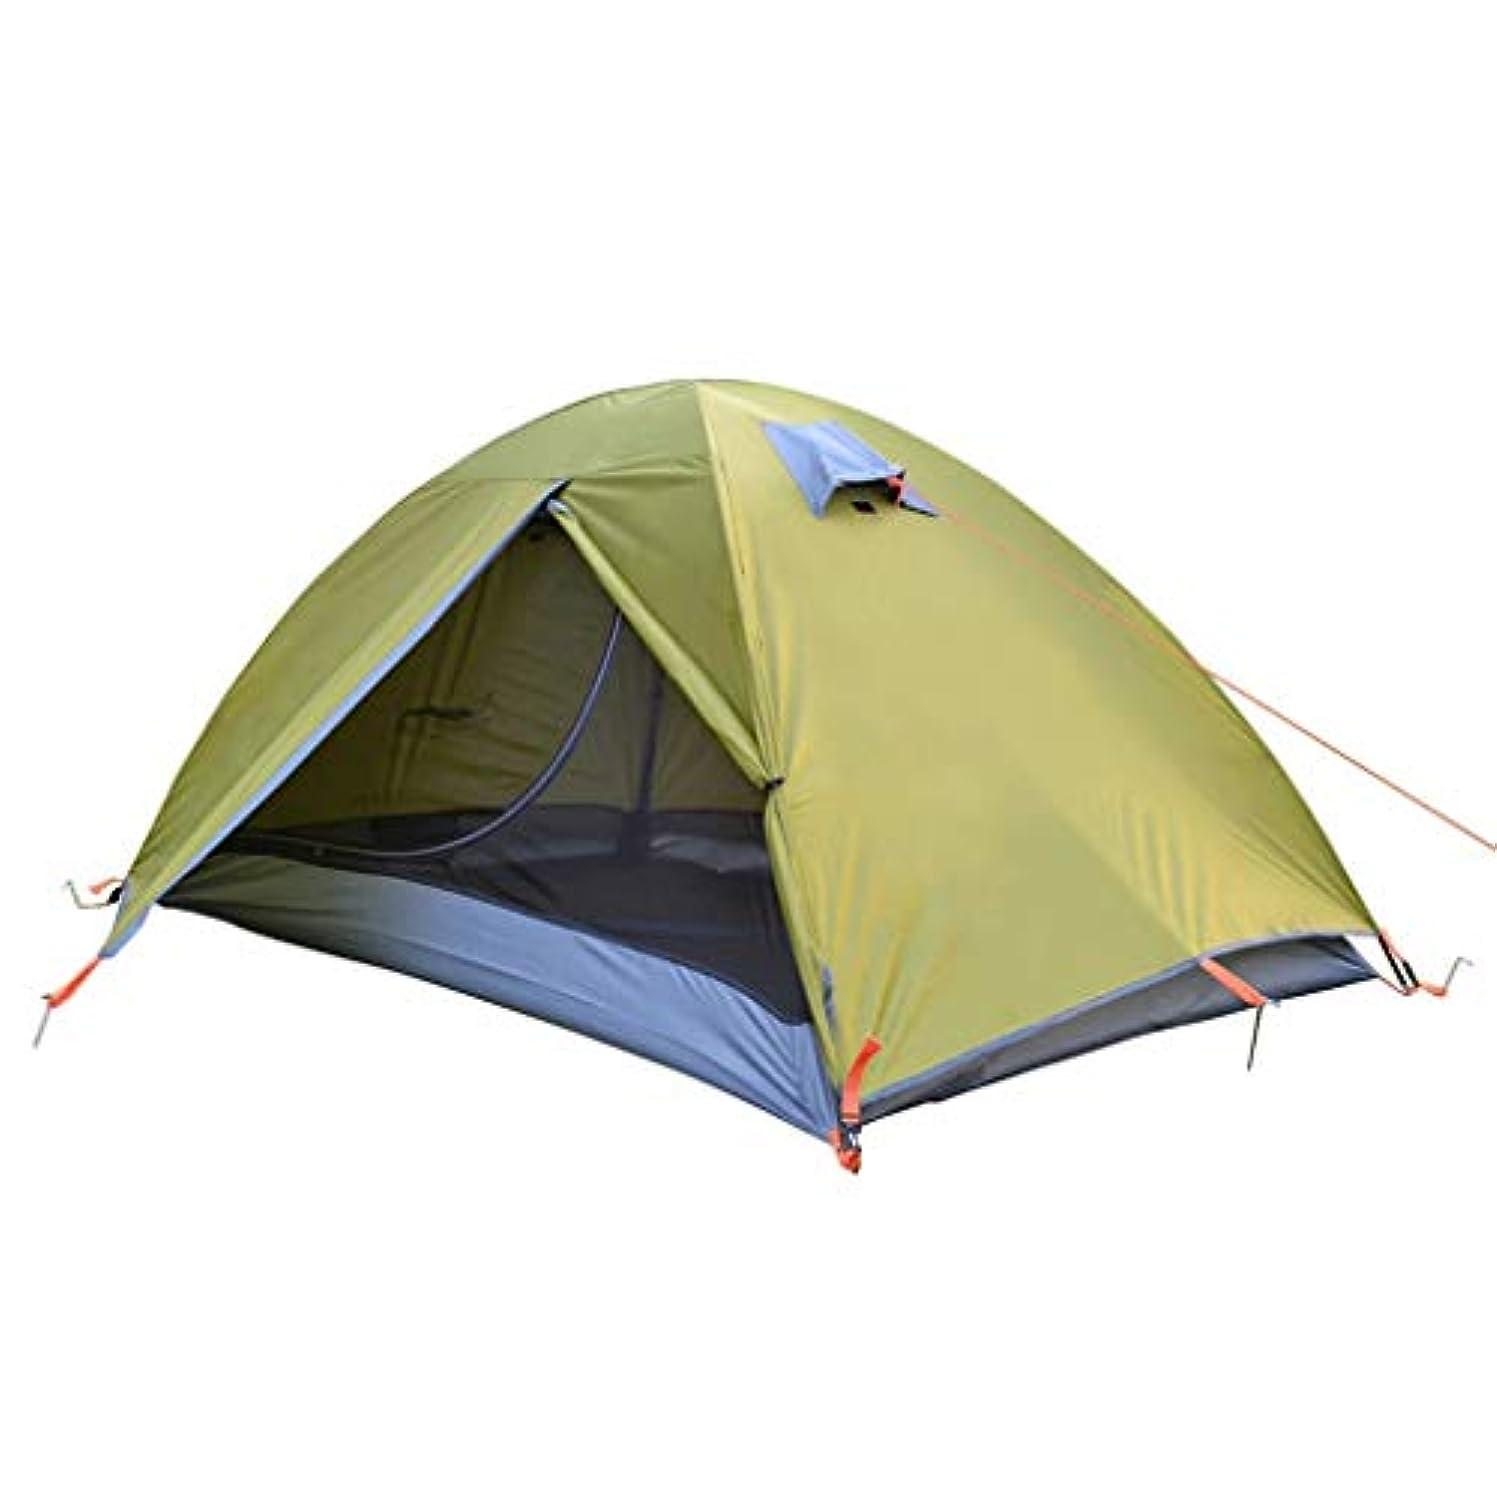 中で海嶺支払いYONGFEIhun テント、アウトドアキャンプテント、カップルダブルダブルテント、キャンプ、アンチストーム日焼け止めテント